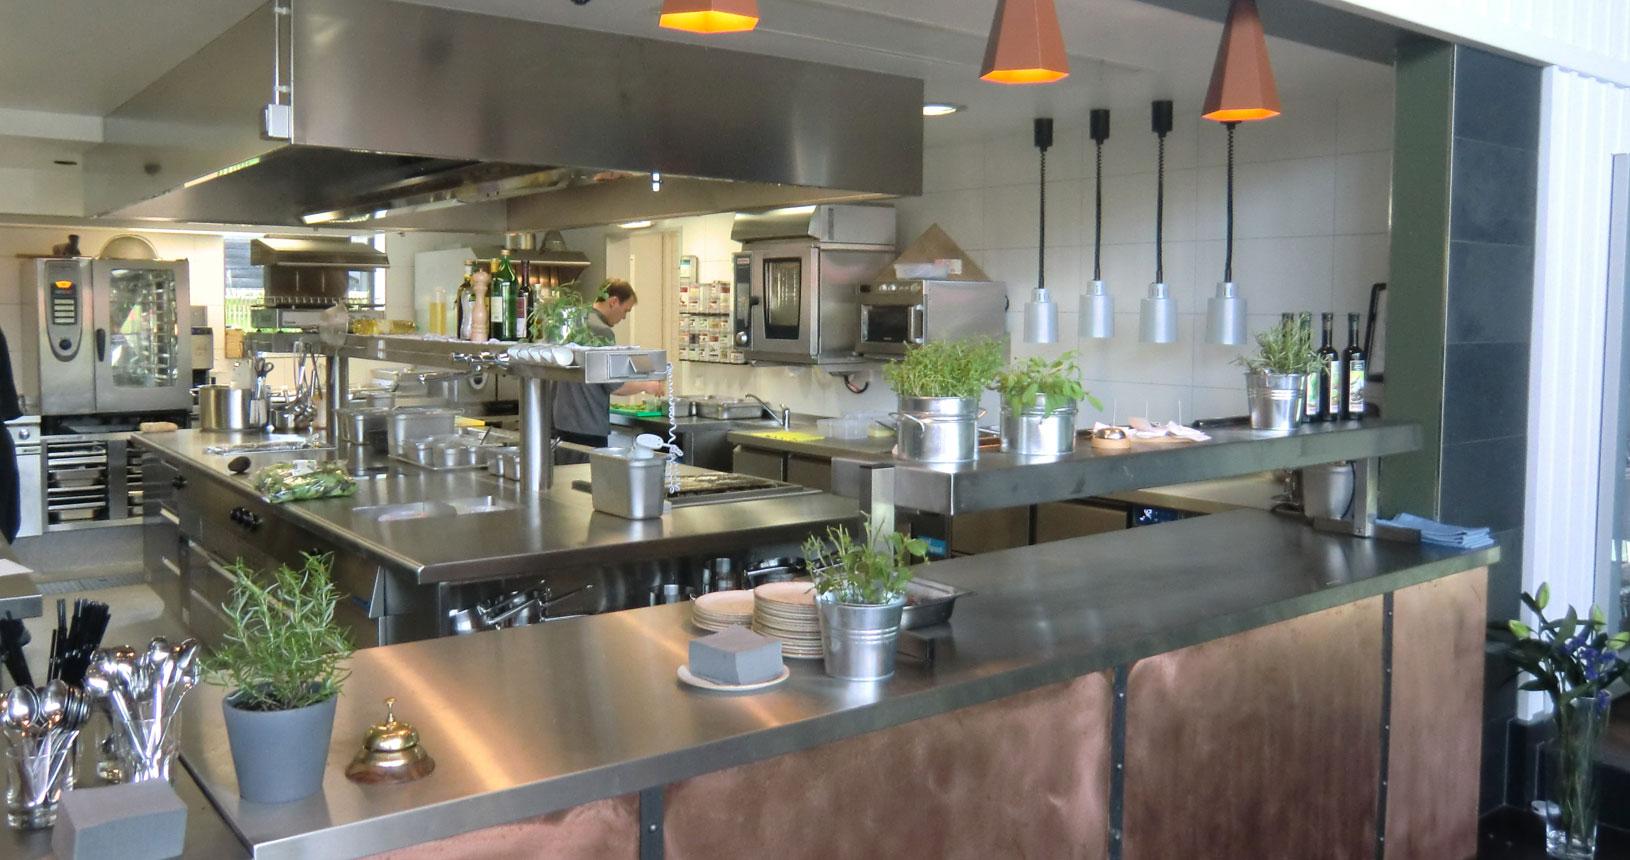 Fliesenarbeiten Bundesweit Für Privat Gewerbe Fliesen Melz - Fliesen für restaurant küche